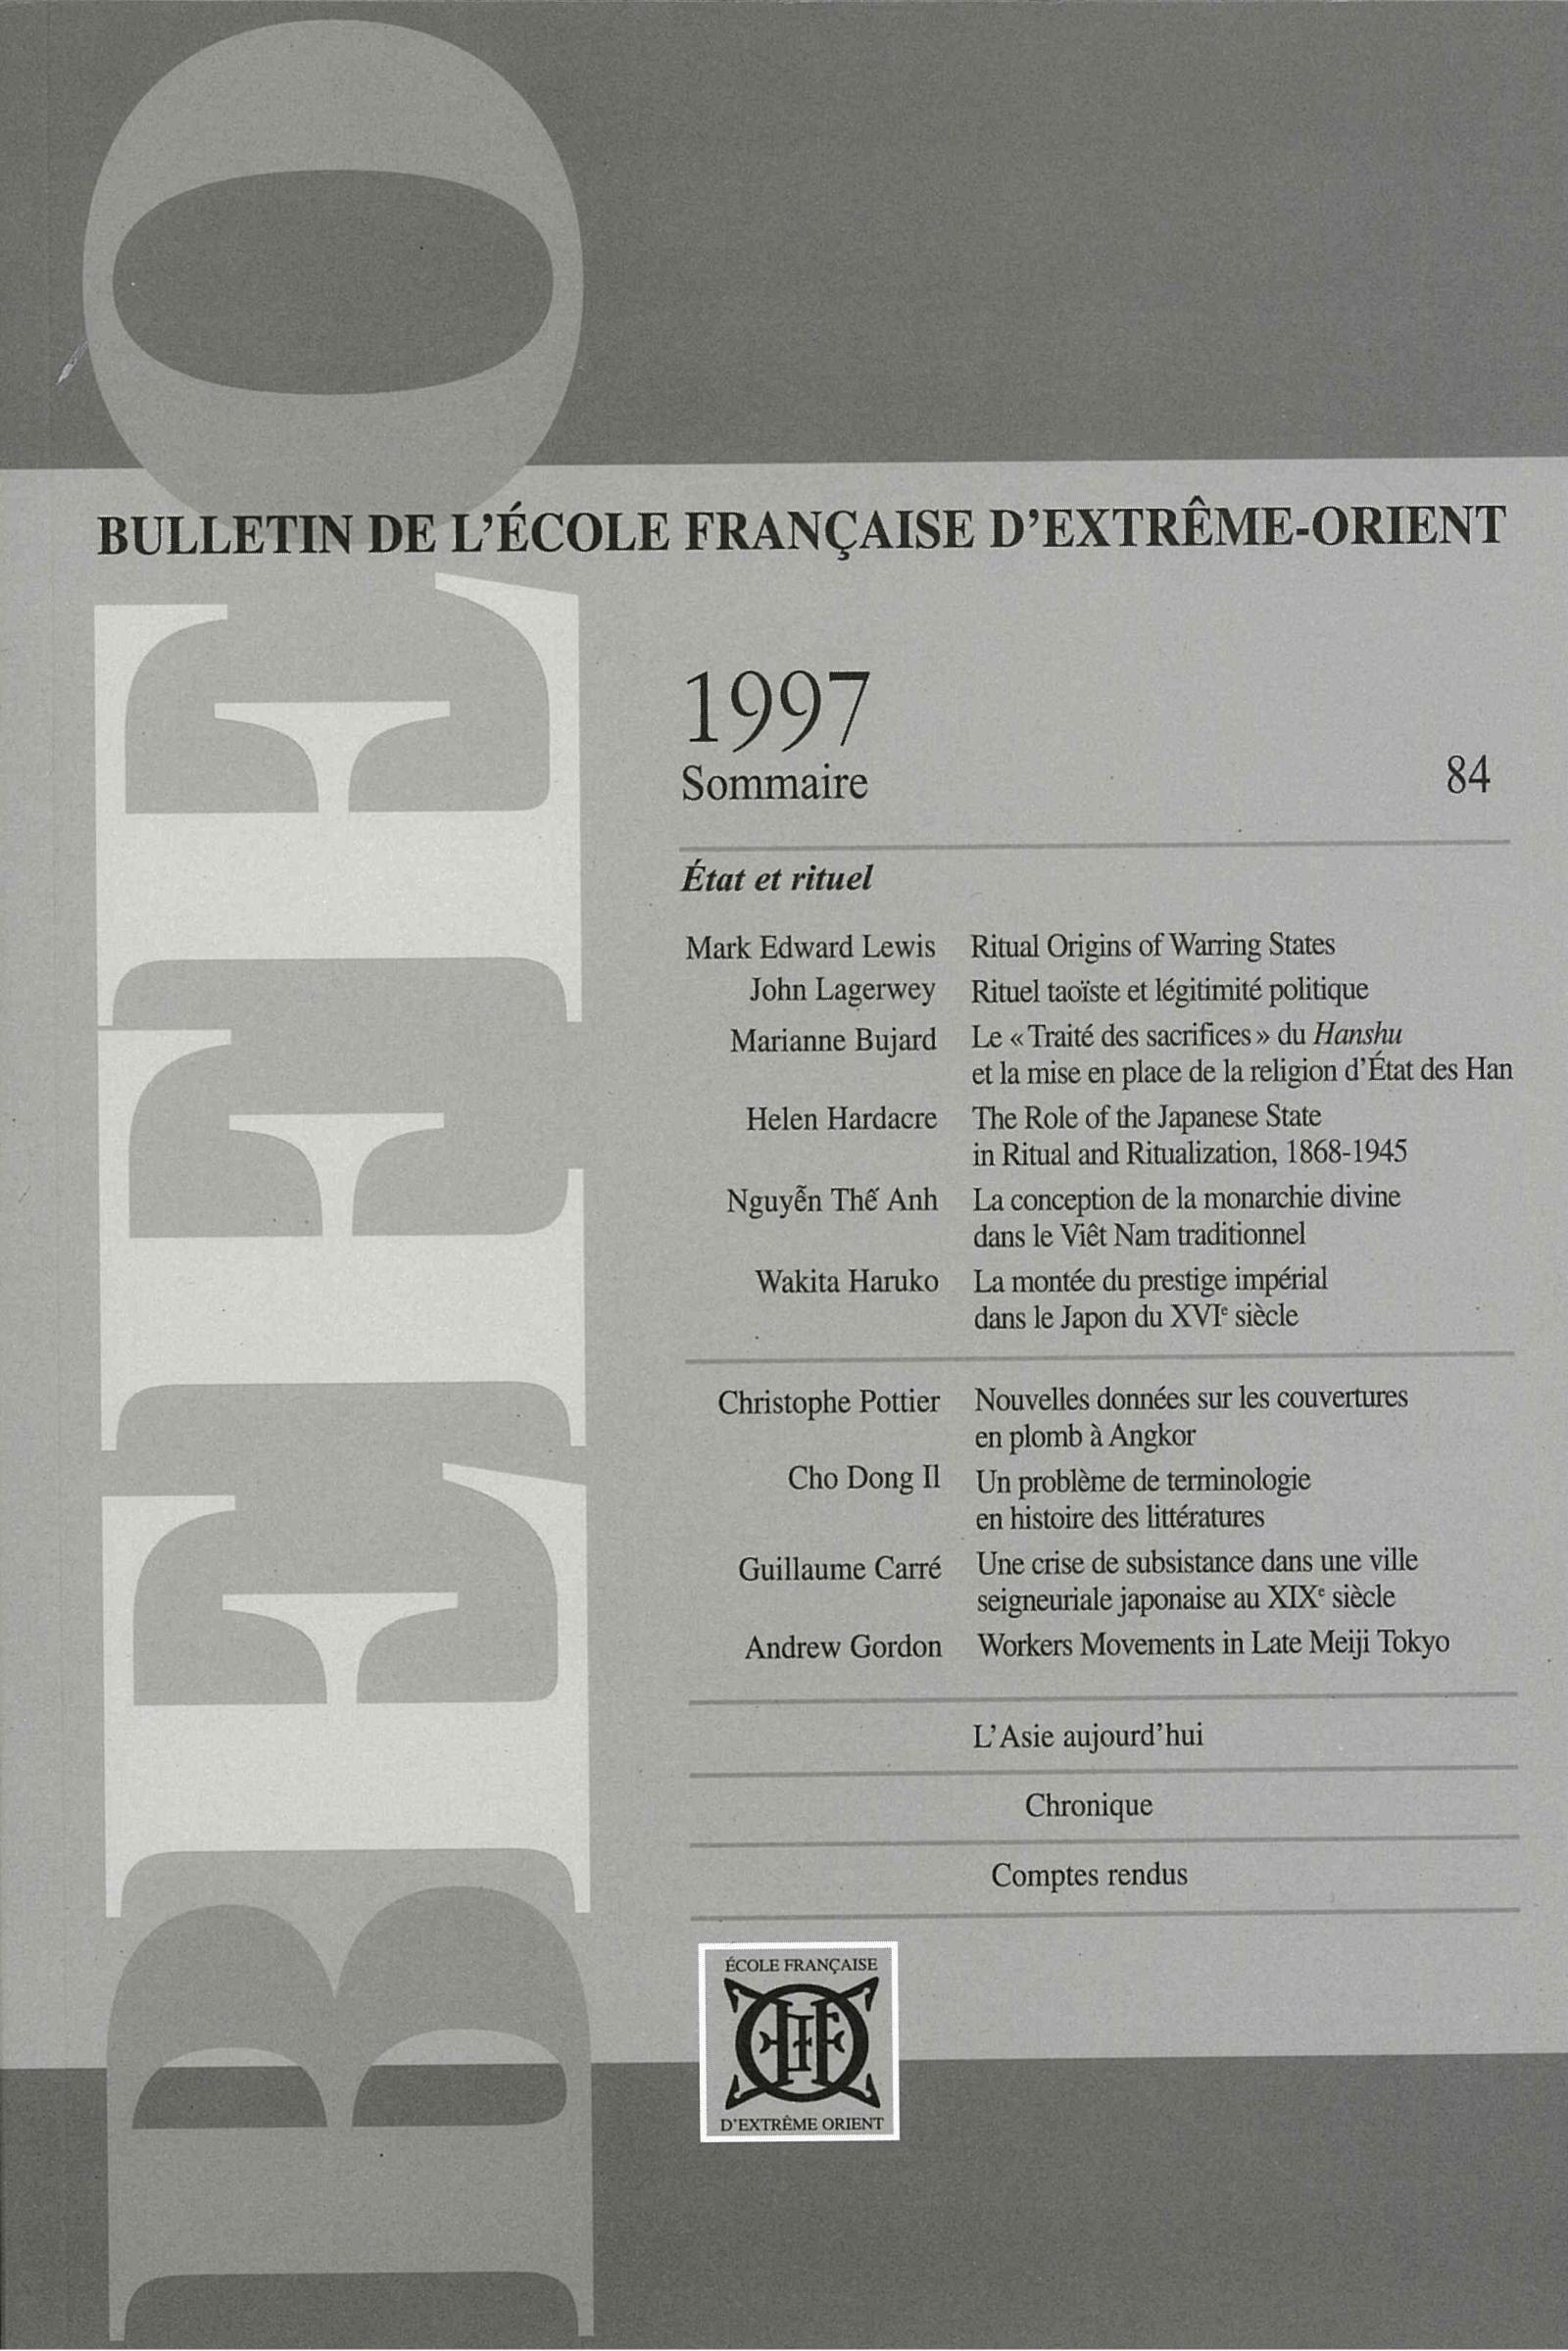 Bulletin de l'Ecole française d'Extrême-Orient 84 (1997)